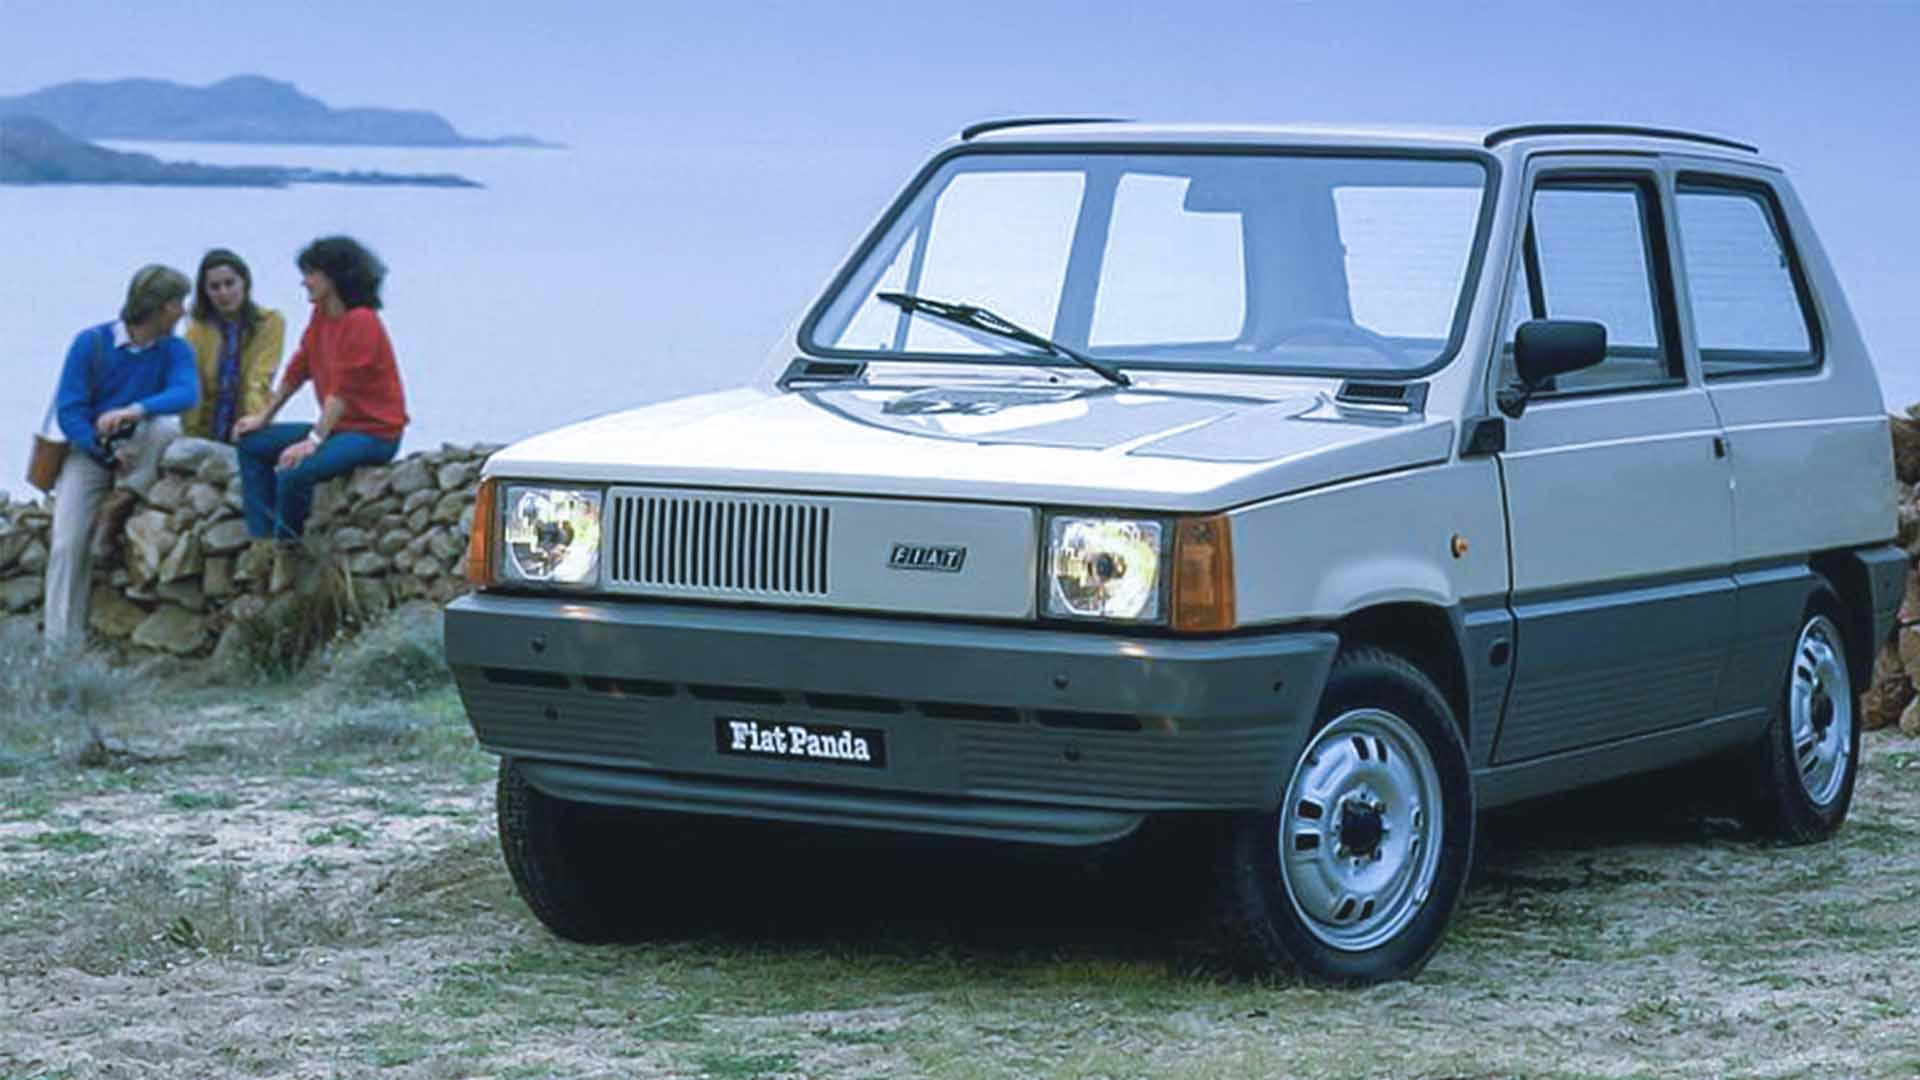 La Fiat Panda, col modello Elettra, è stata una delle prime macchine ad alimentazione elettrica